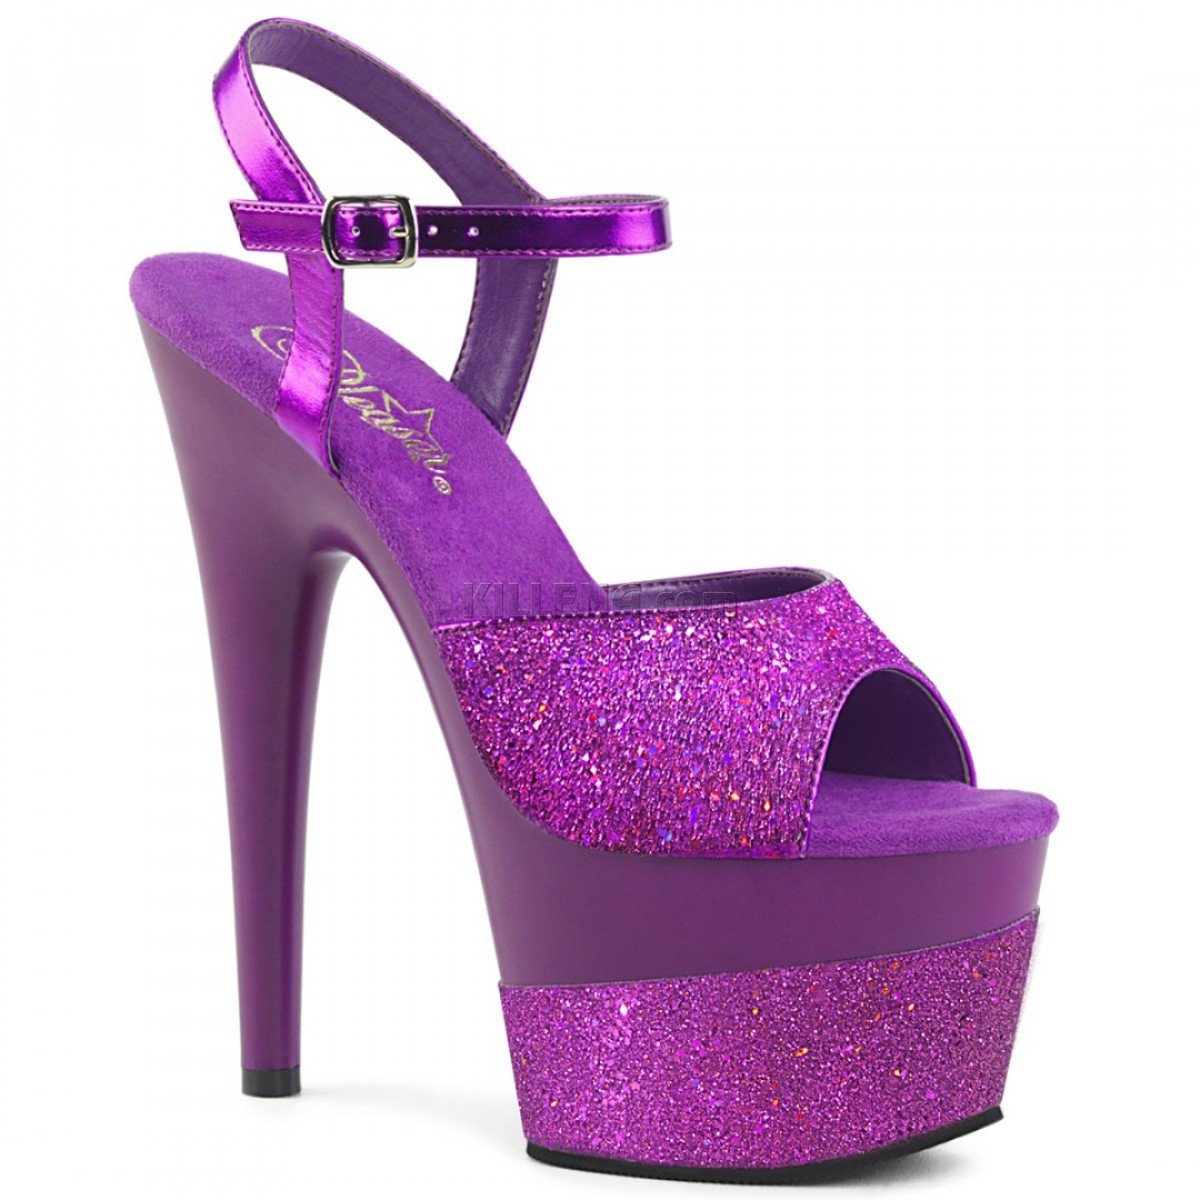 Фиолетовые босоножки с верхом и нижней частью платформы покрытыми глиттером